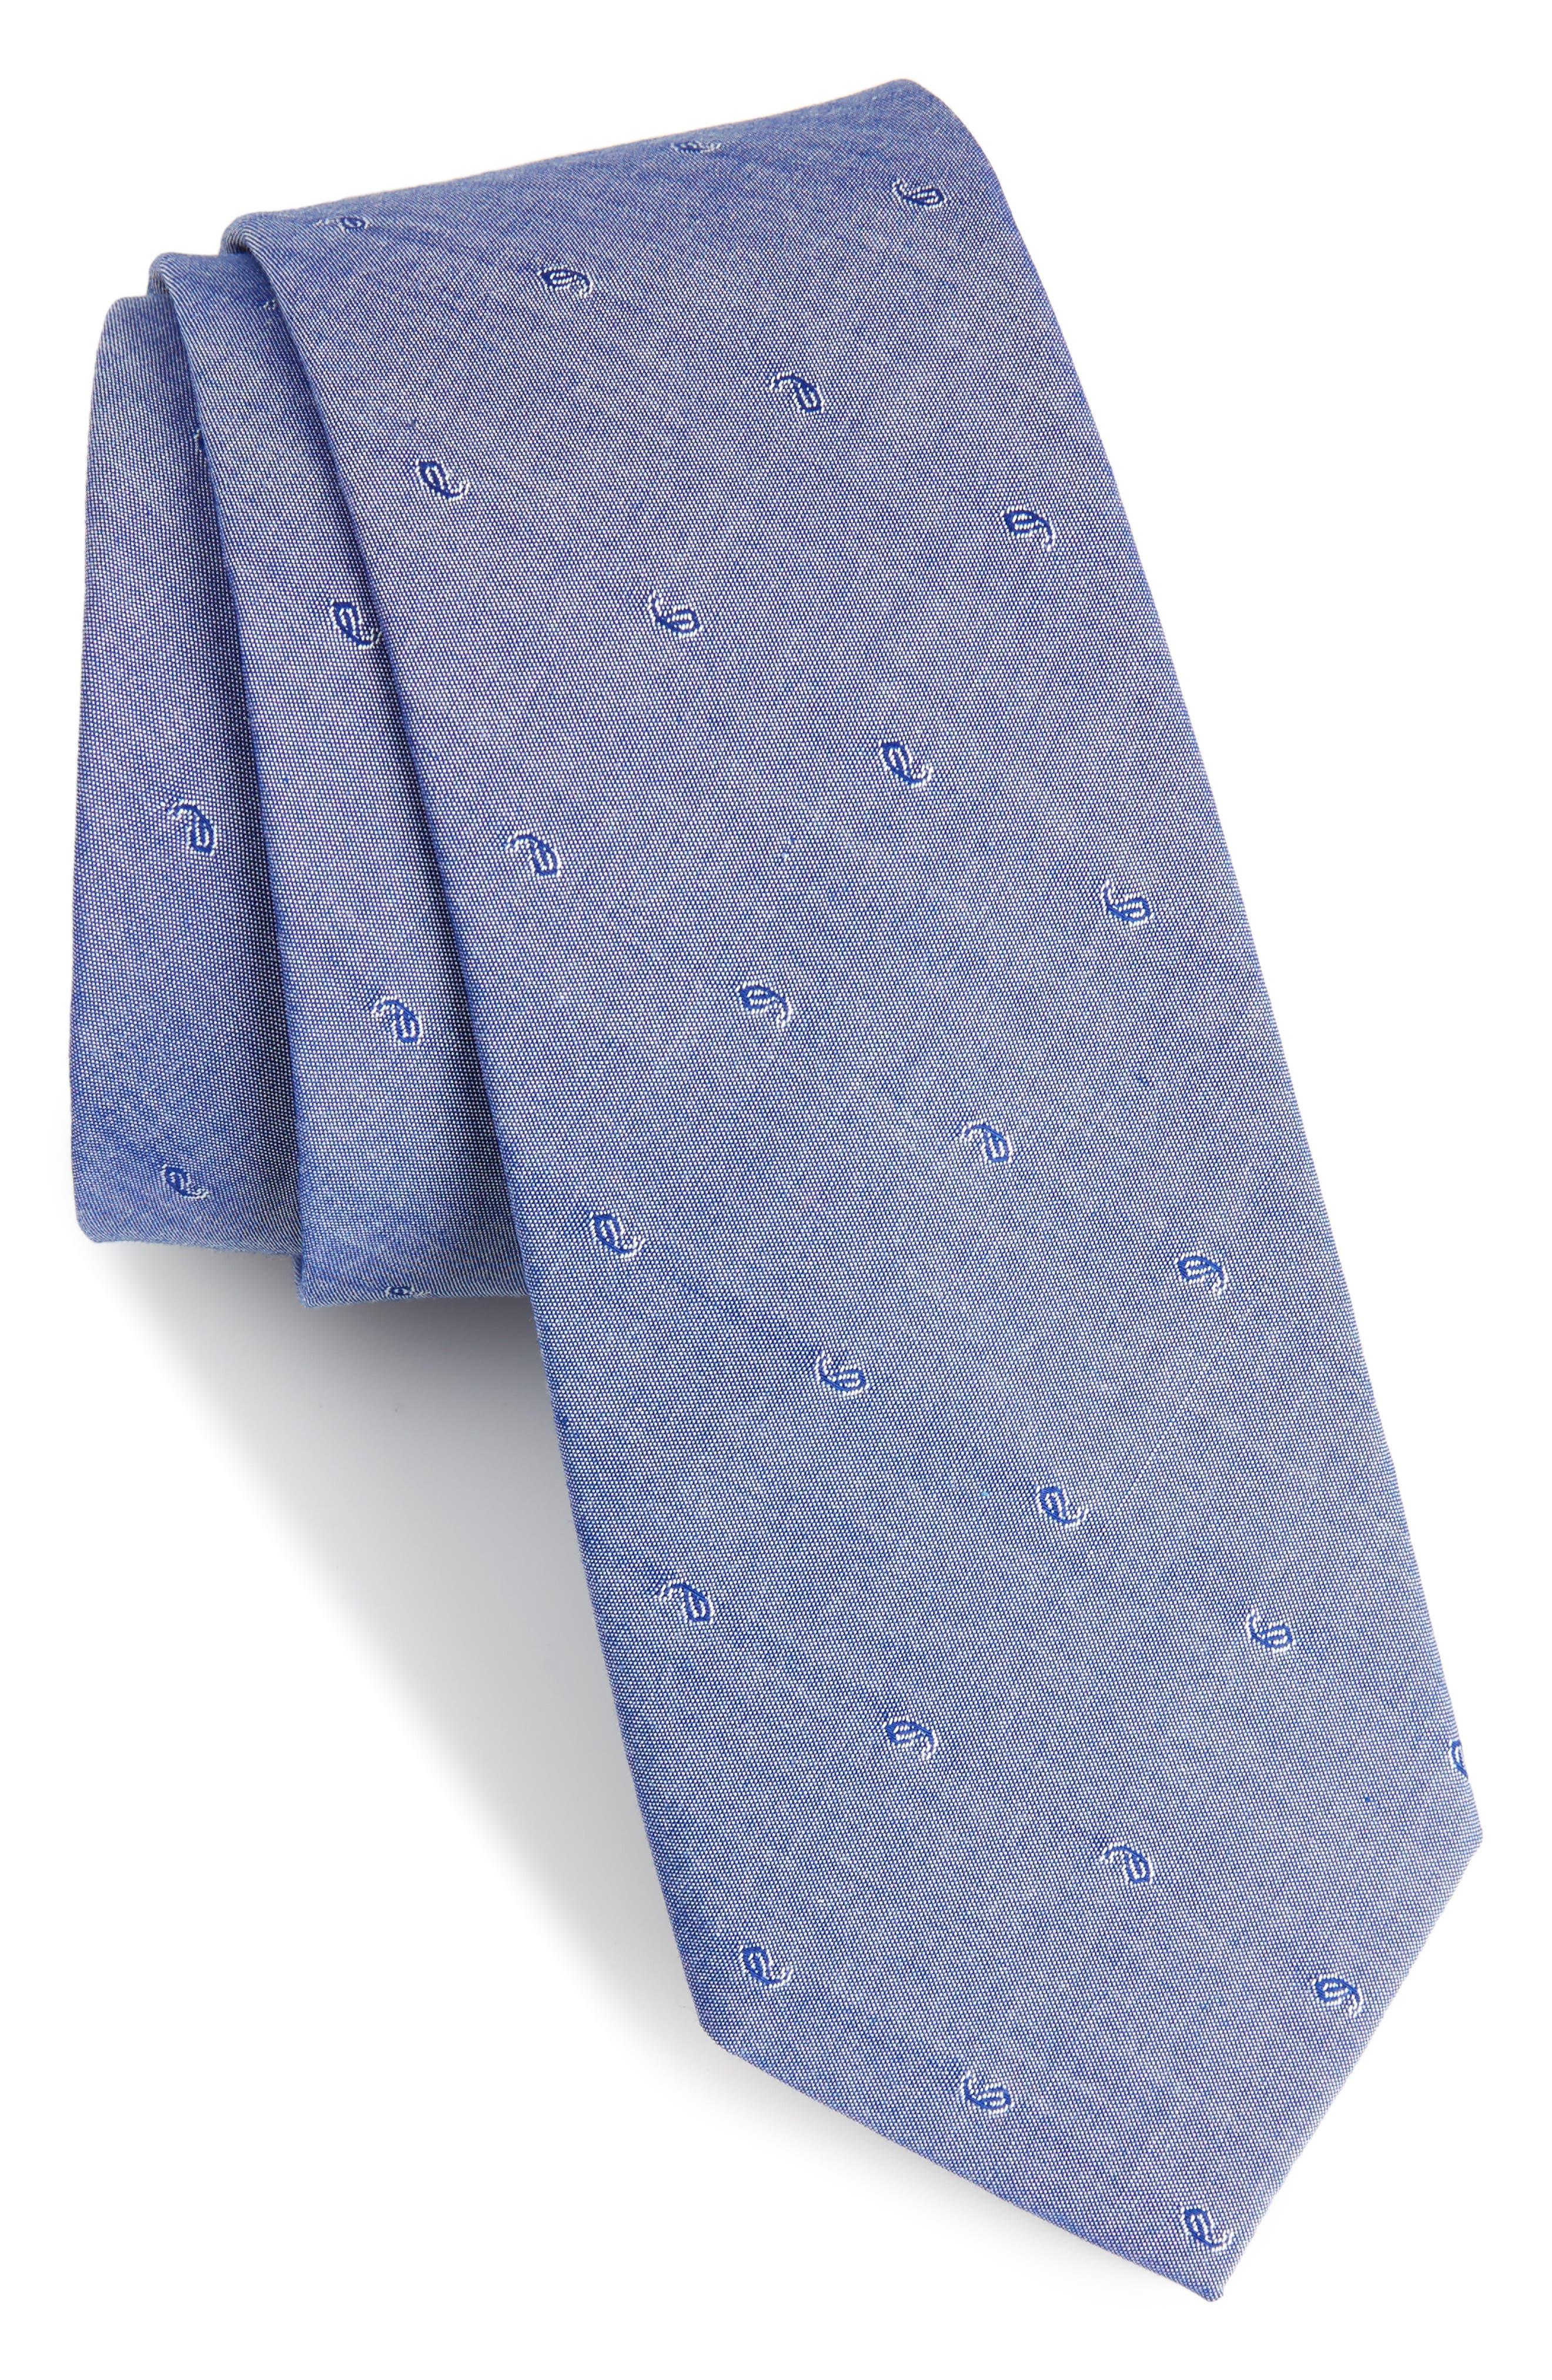 Alternate Image 1 Selected - 1901 Indigo Pine Cotton Skinny Tie